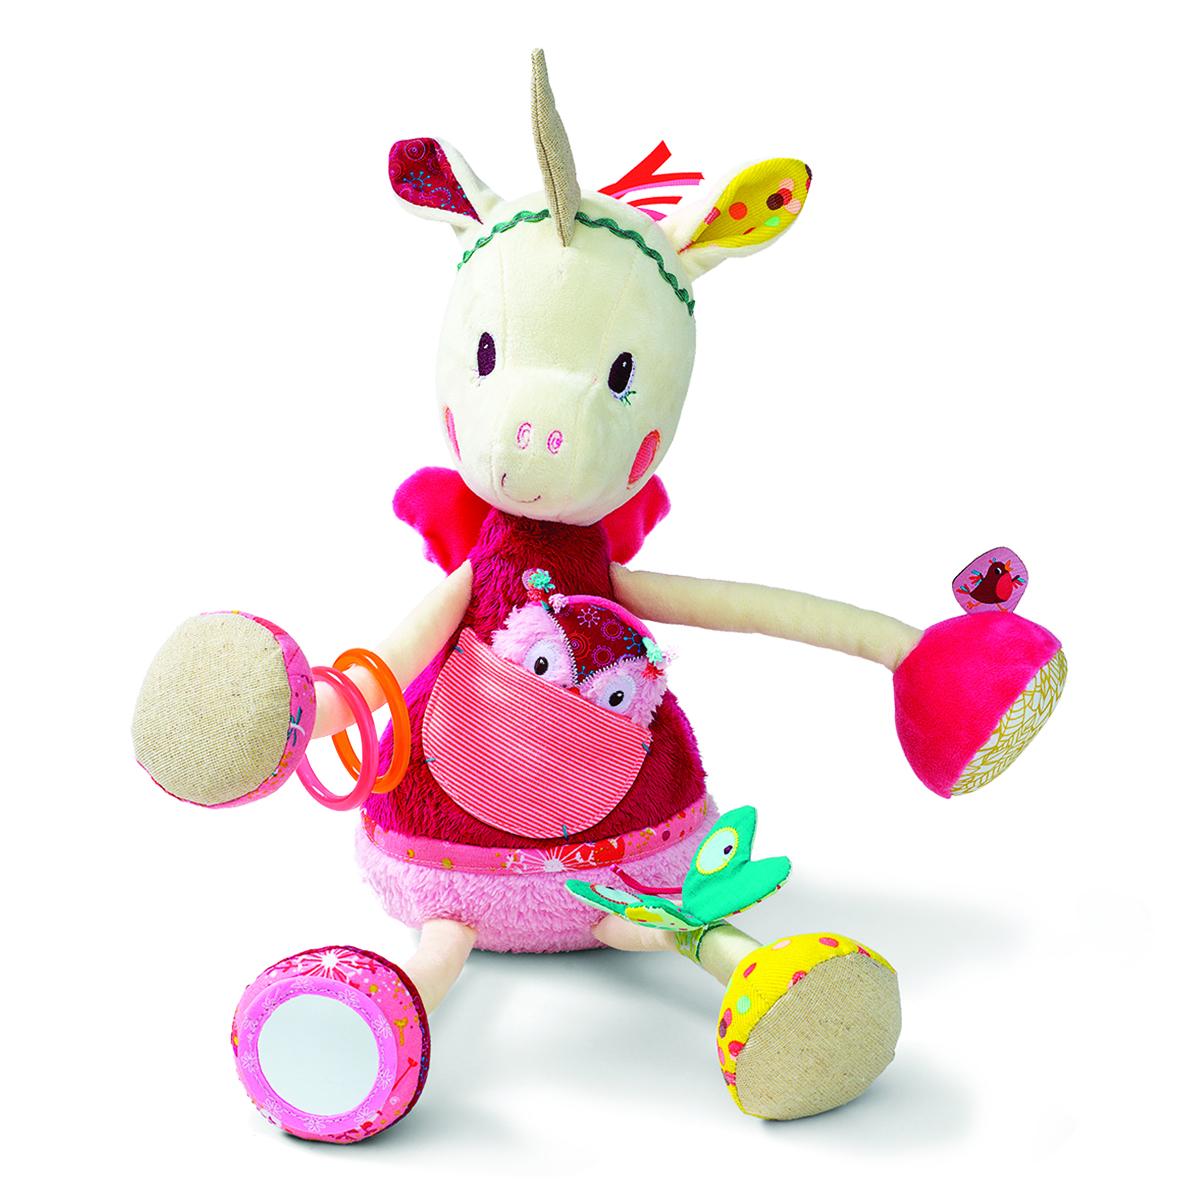 Lilliputiens Развивающая игрушка Единорожка Луиза86779С развивающей игрушкой Lilliputiens Единорожка Луиза ваш малыш не соскучится! Луиза наклонила голову и ищет - где же спрятался совенок... слышите? С этой замечательной единорожкой можно сделать столько всего интересного: покусать браслетики, поиграть с бабочкой-шуршалкой, разглядывать себя в зеркальце! А если потрясти Луизу за ботиночек, то можно услышать уханье совы. Яркая игрушка поможет ребенку в развитии цветового и звукового восприятия, концентрации внимания, мелкой моторики рук, координации движений и тактильных ощущений.